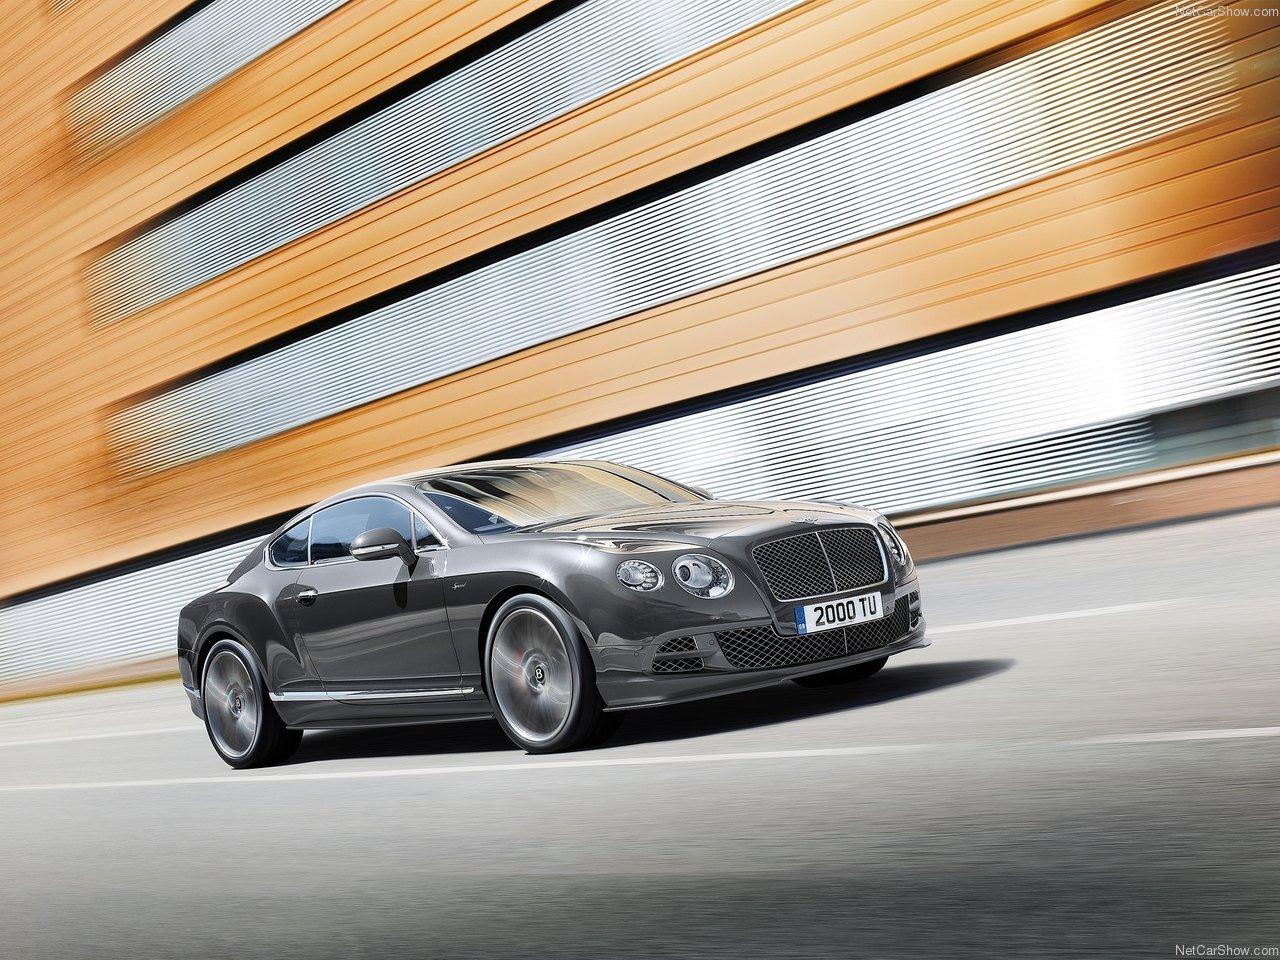 Bentley Continental Gt Speed 2015 1280 05